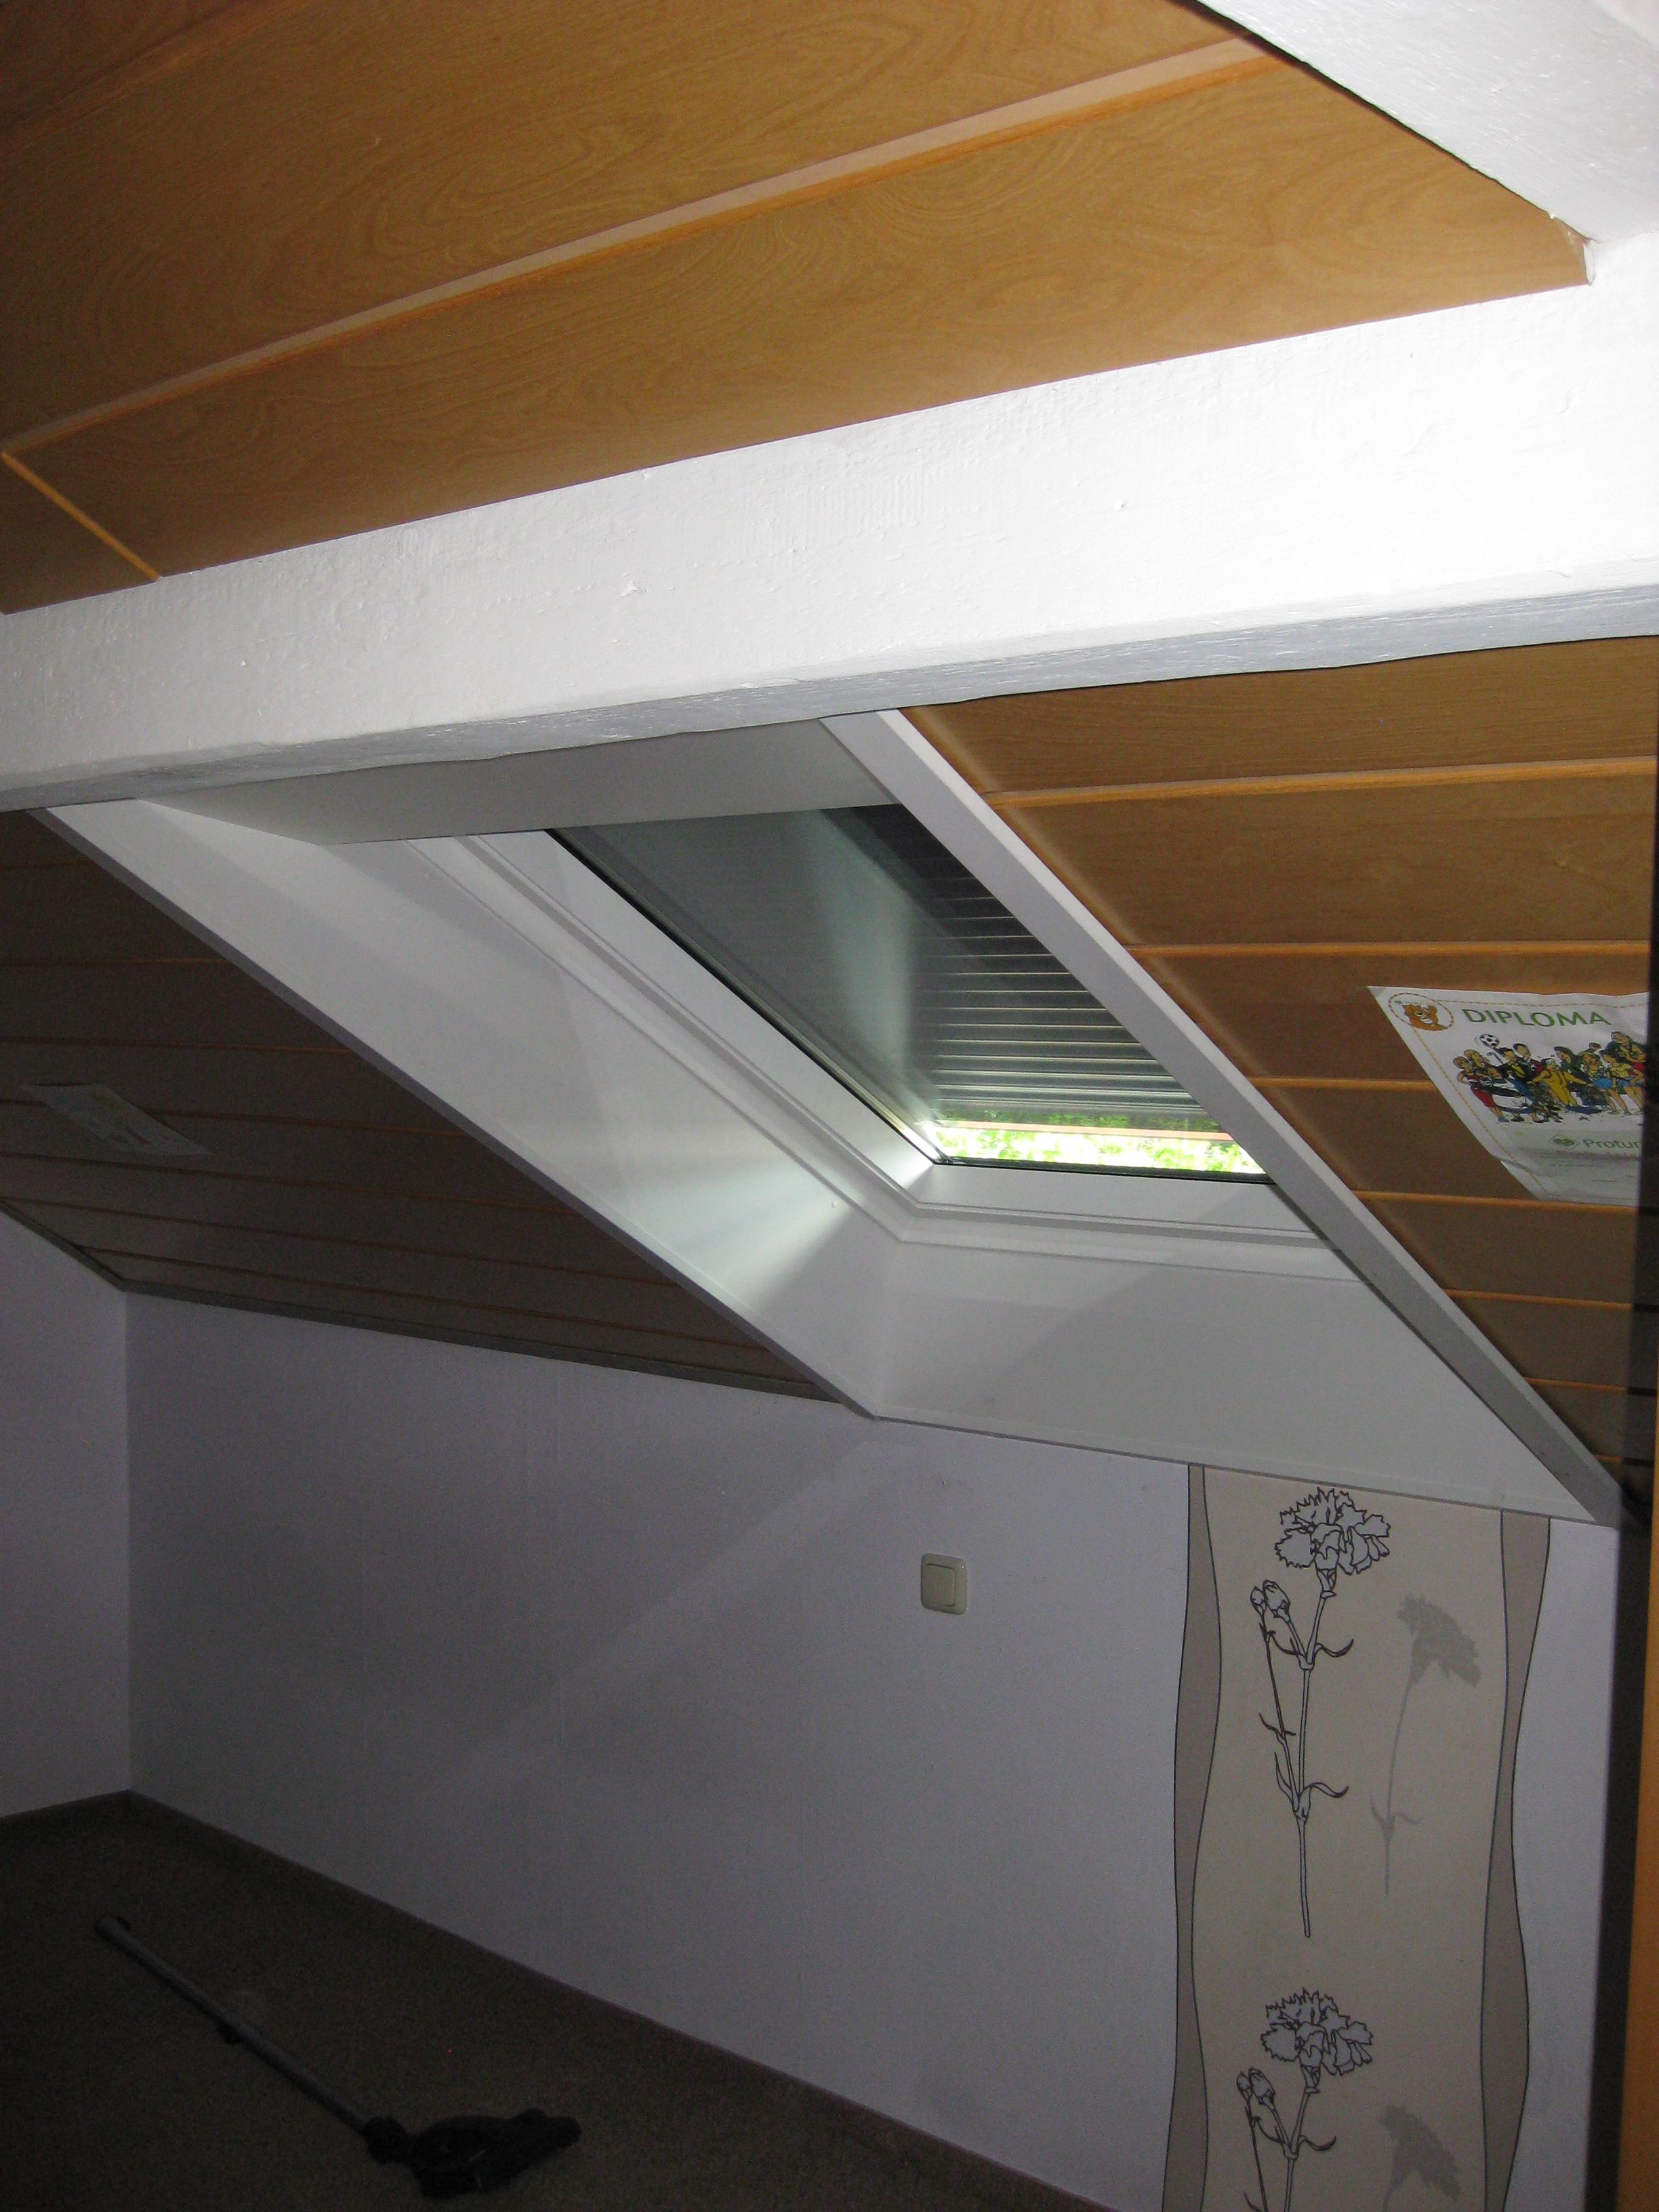 velux dachfenster aussen cheap als bieten wir neben den natrlich auch eine ganze palette an von. Black Bedroom Furniture Sets. Home Design Ideas